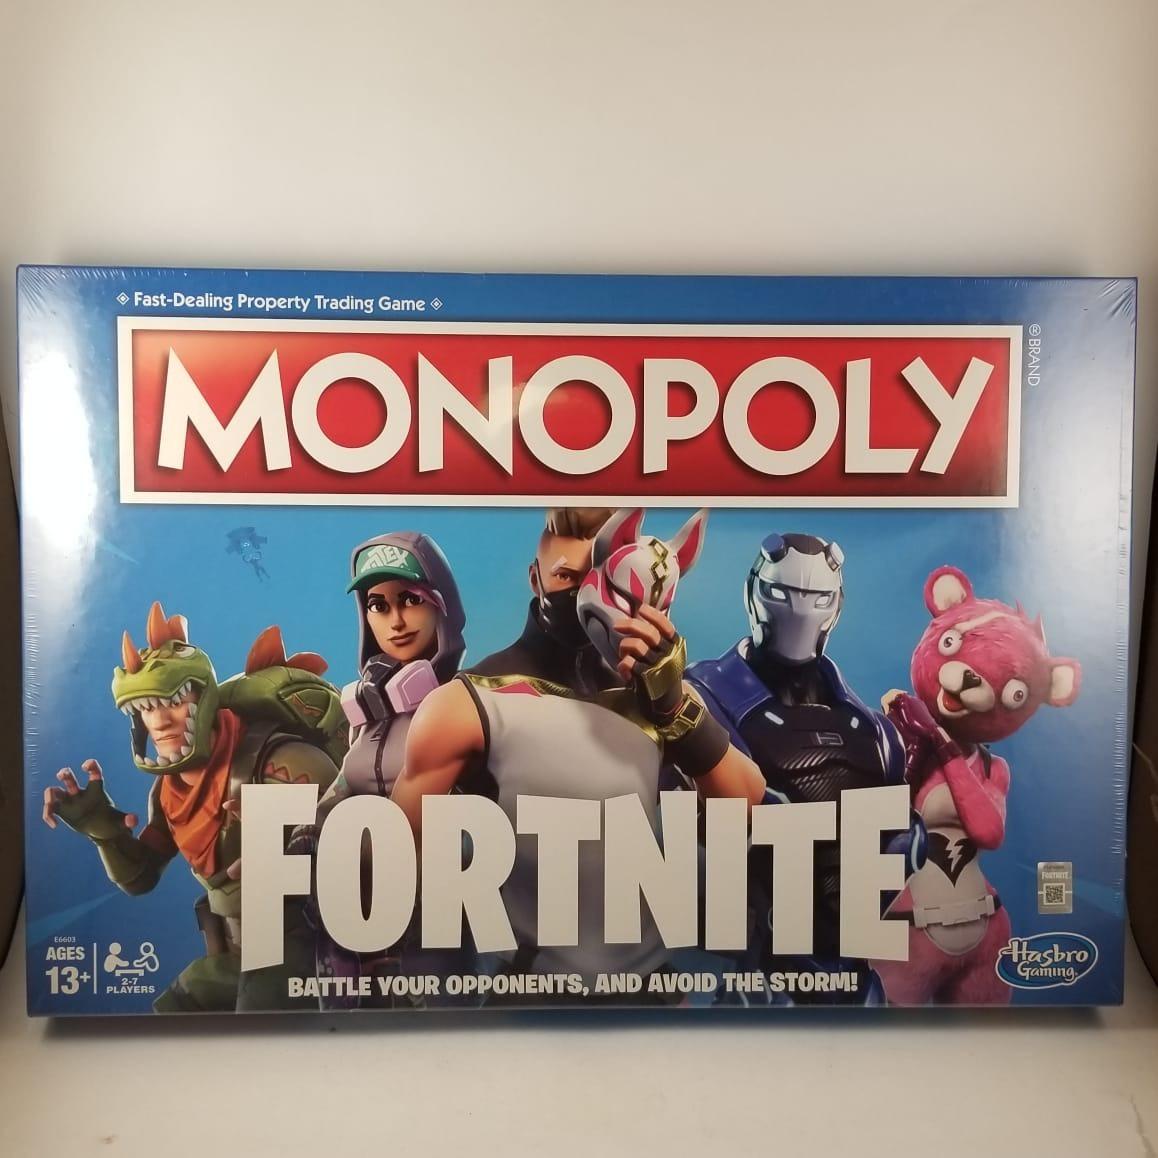 Monopoly Fortnite Juego De Mesa 1 099 00 En Mercado Libre